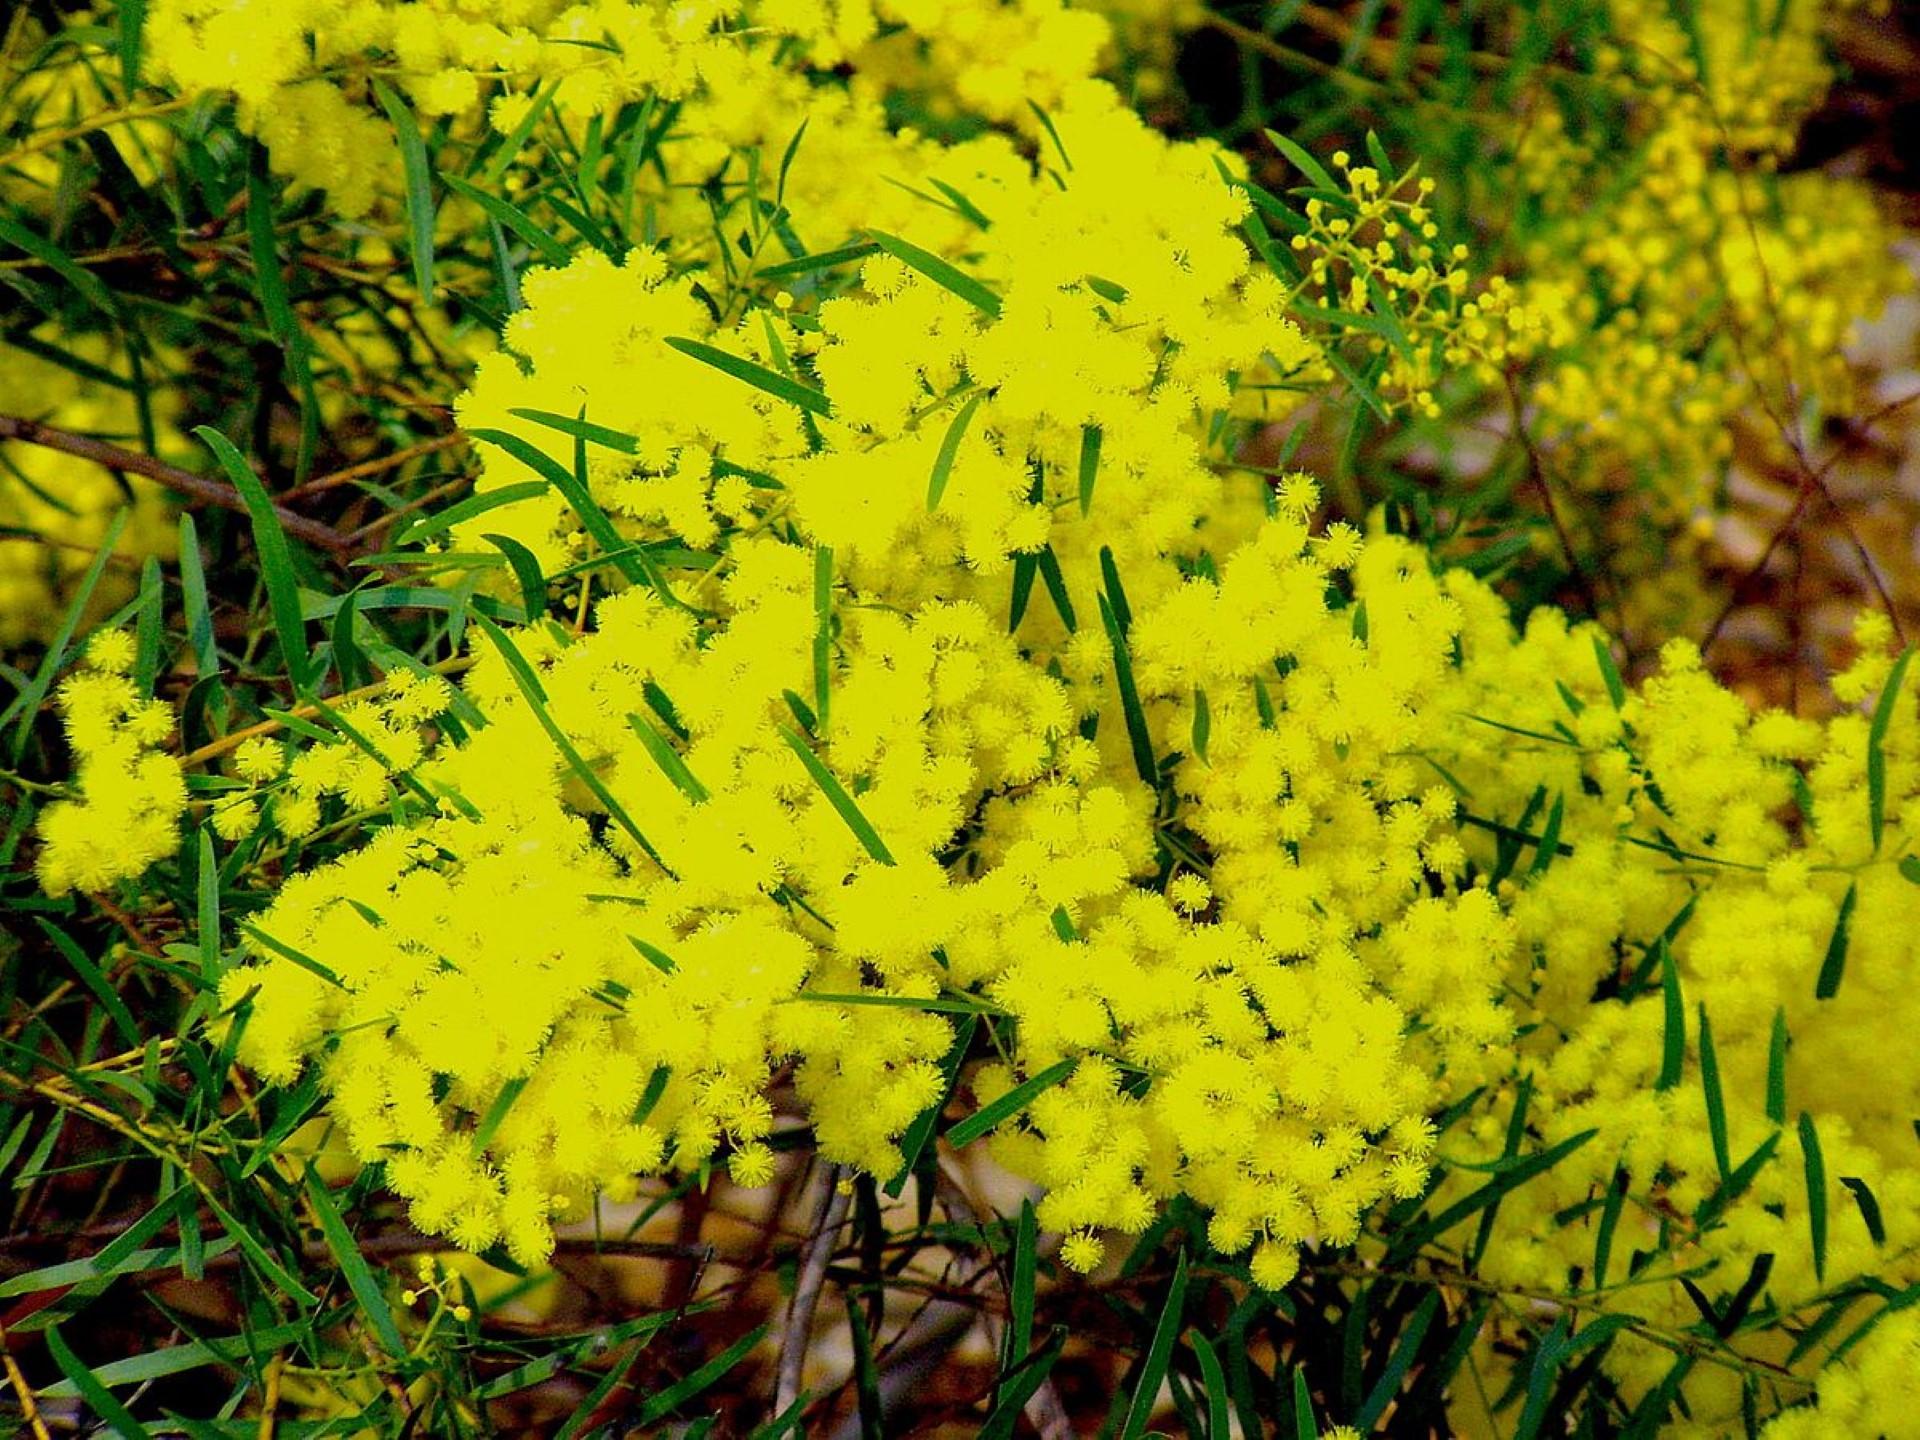 Hình nền hoa keo acacia cho máy tính số 28